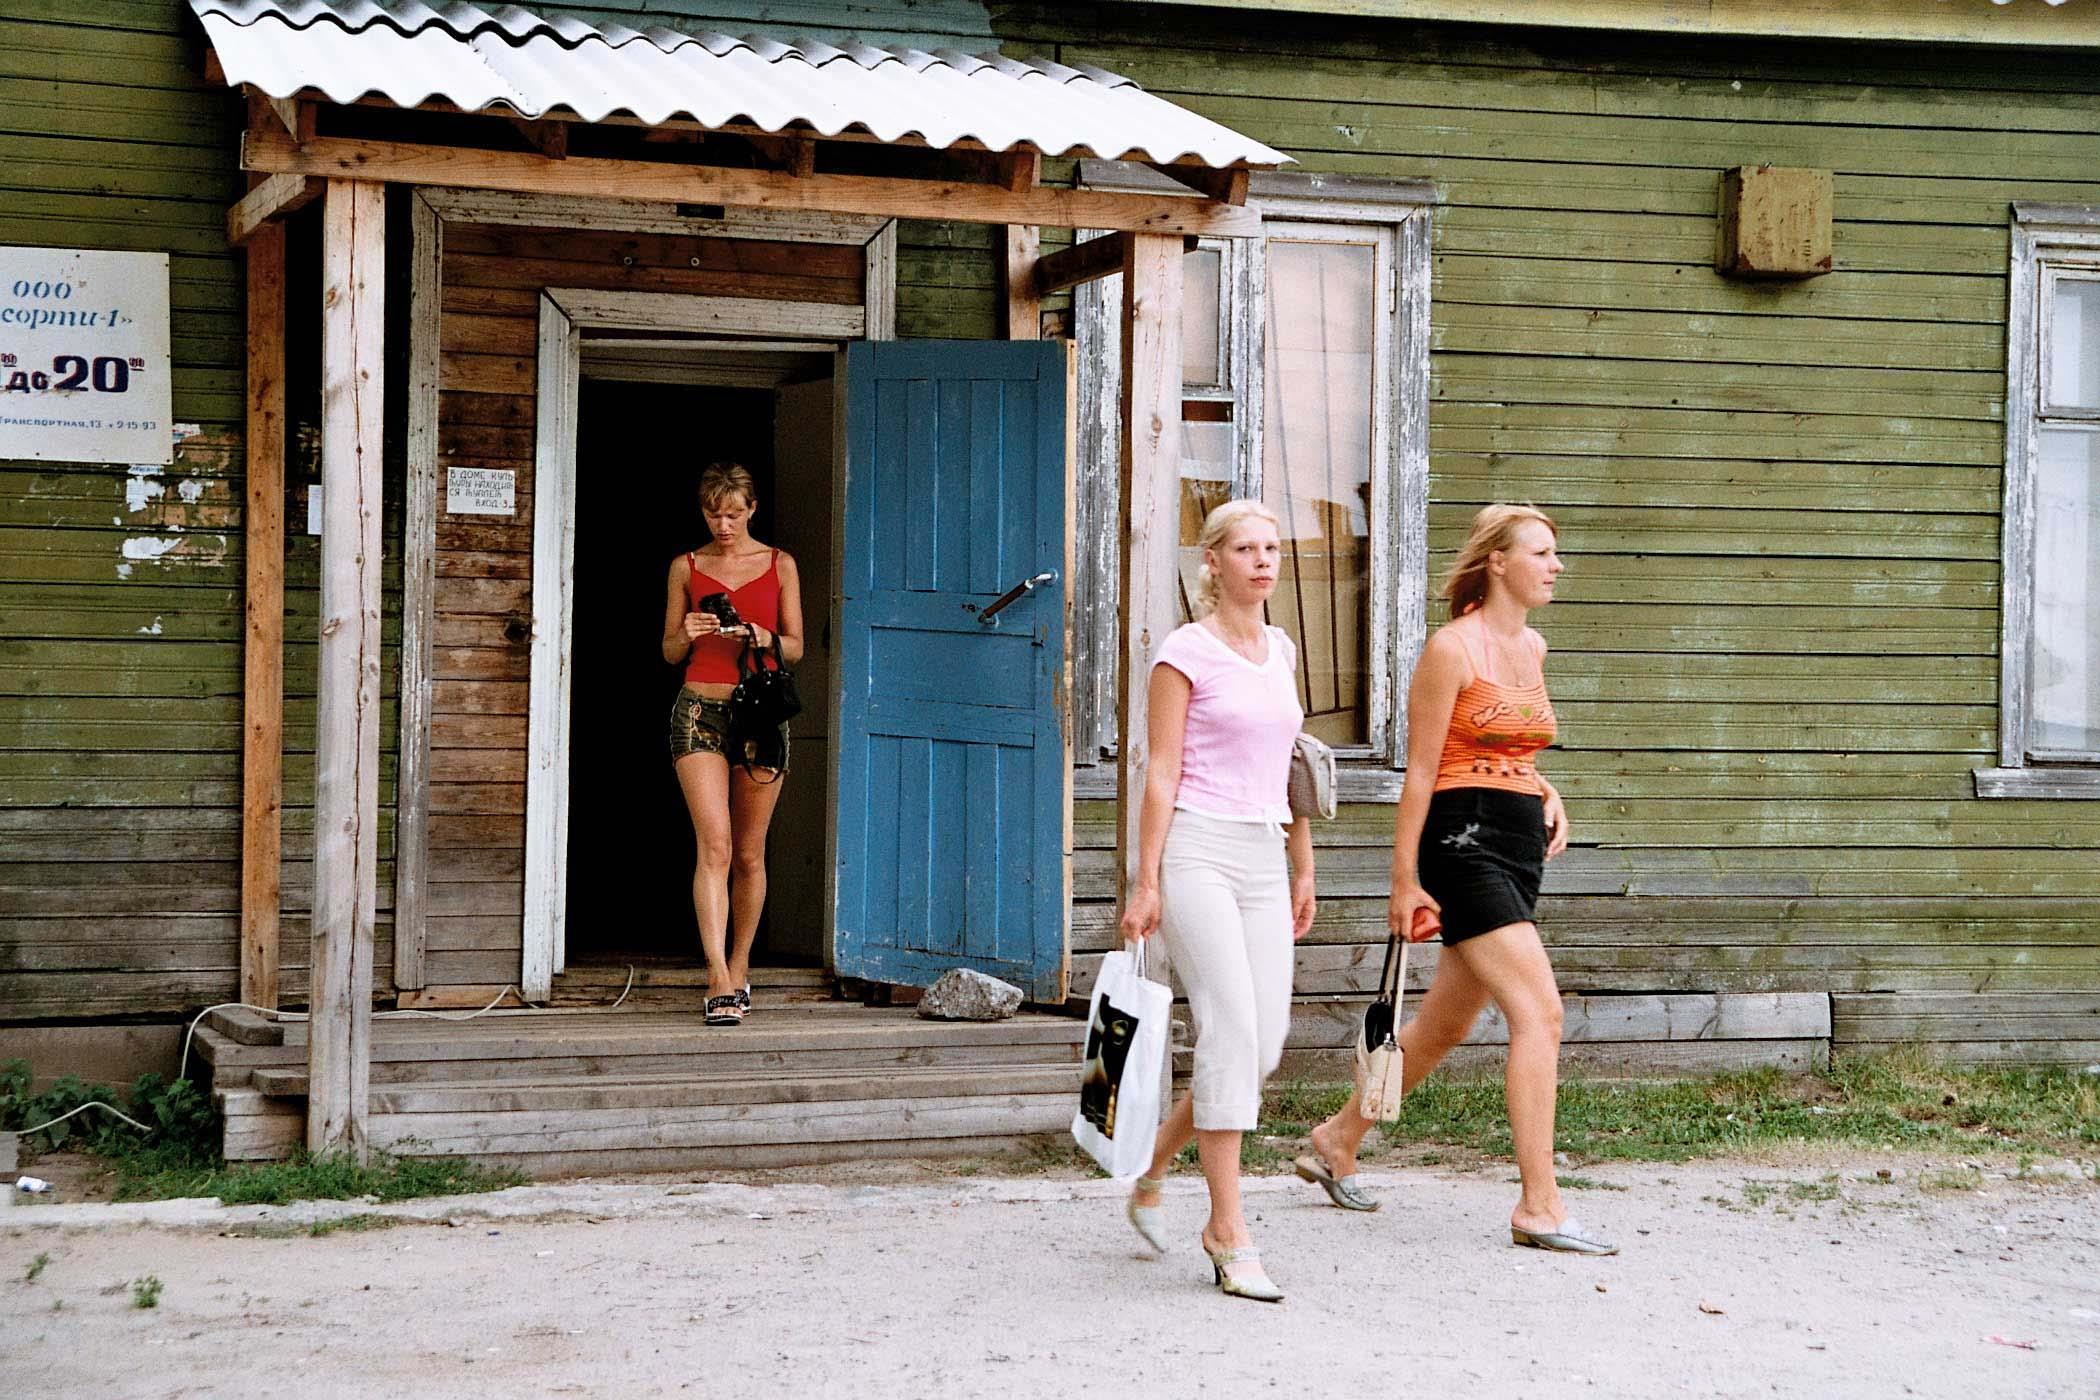 Фото девушек в общественной бане 26 фотография